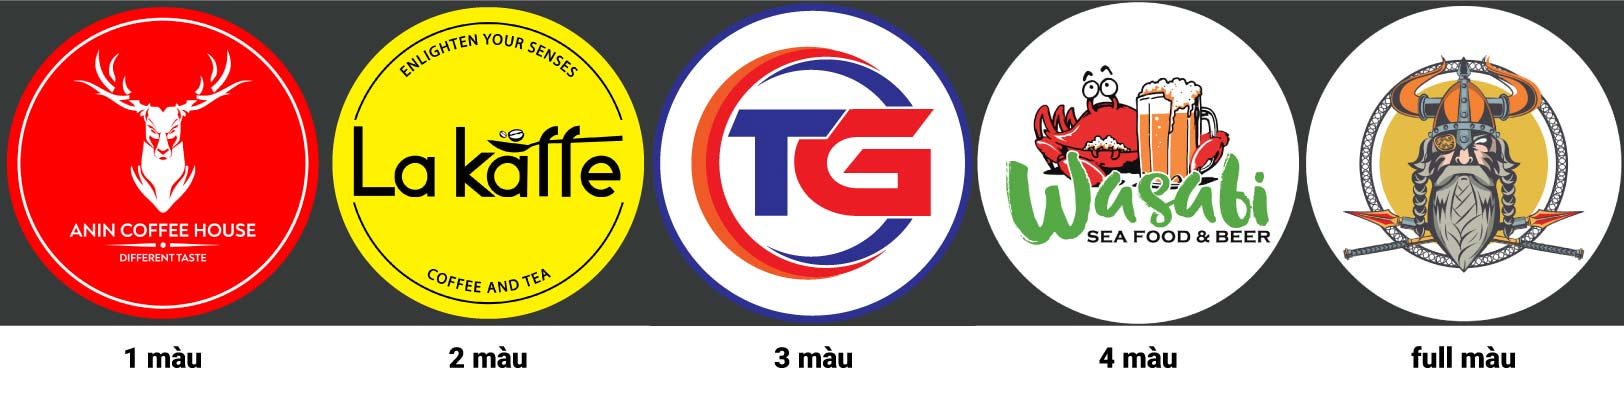 giai-dap-tat-tan-tat-ve-kinh-logo-trong-den-chieu-logo-thuong-hieu-2